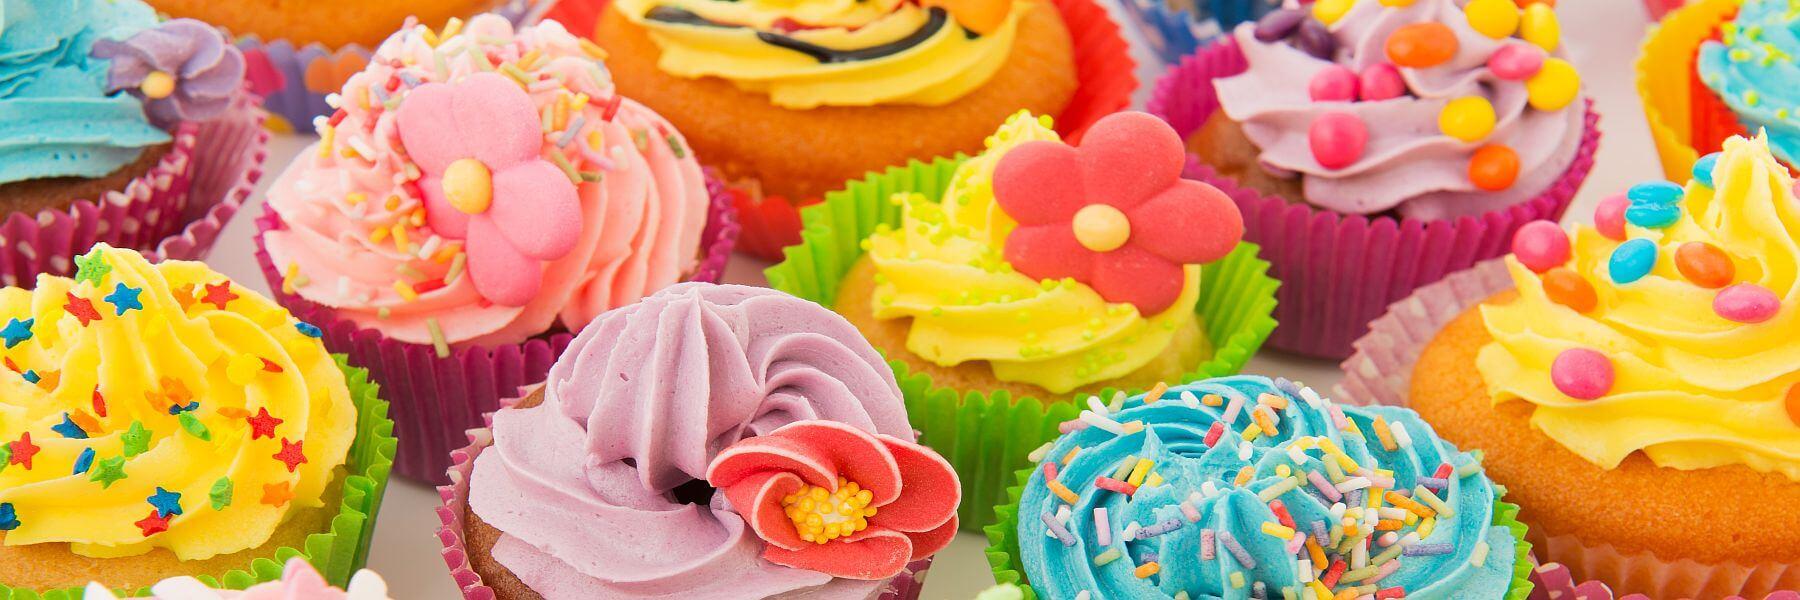 Bunte Cupcakes. Event Catering von all about event. Geschmackvoll überraschen.